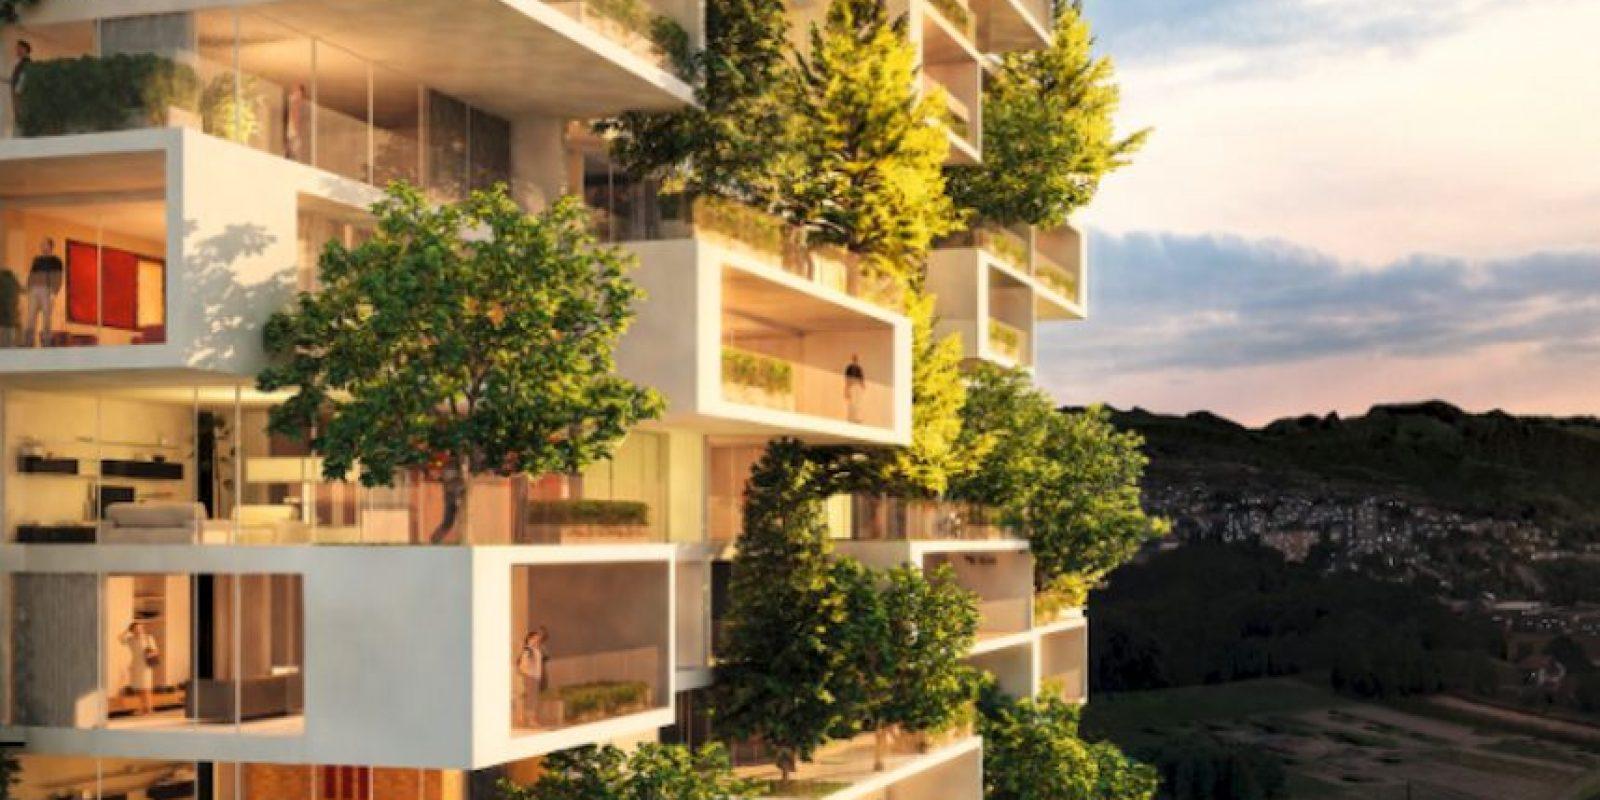 Así lucirán los futuros apartamentos de la torre Foto:Vía lescedres.chavannes.ch